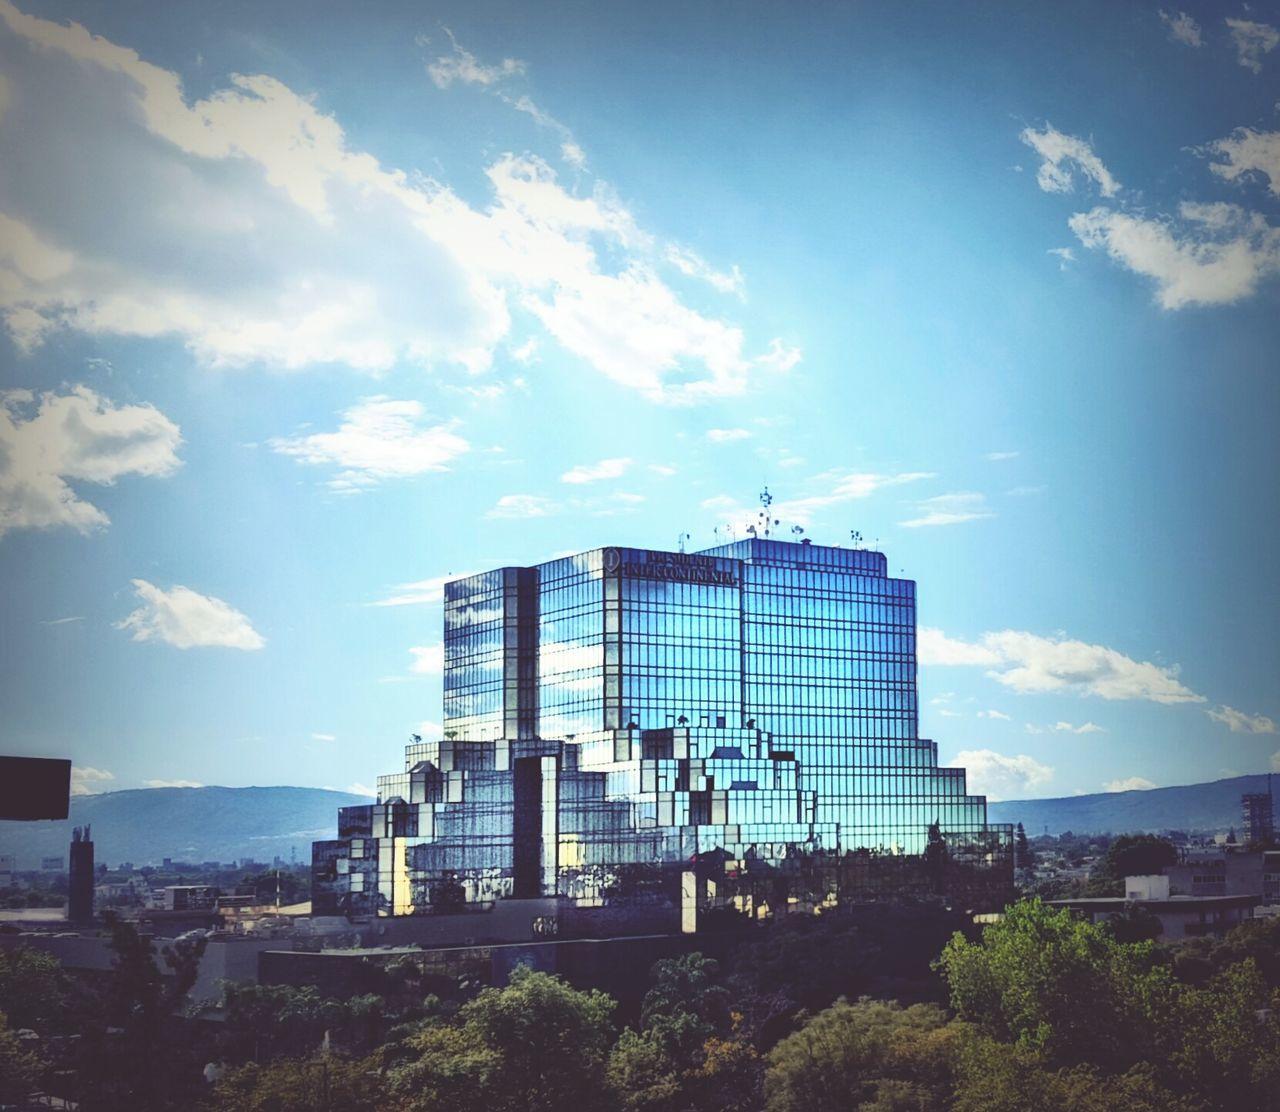 Intercontinentalhotel Espejos Photo By Agustín Orozco Díaz - 2015